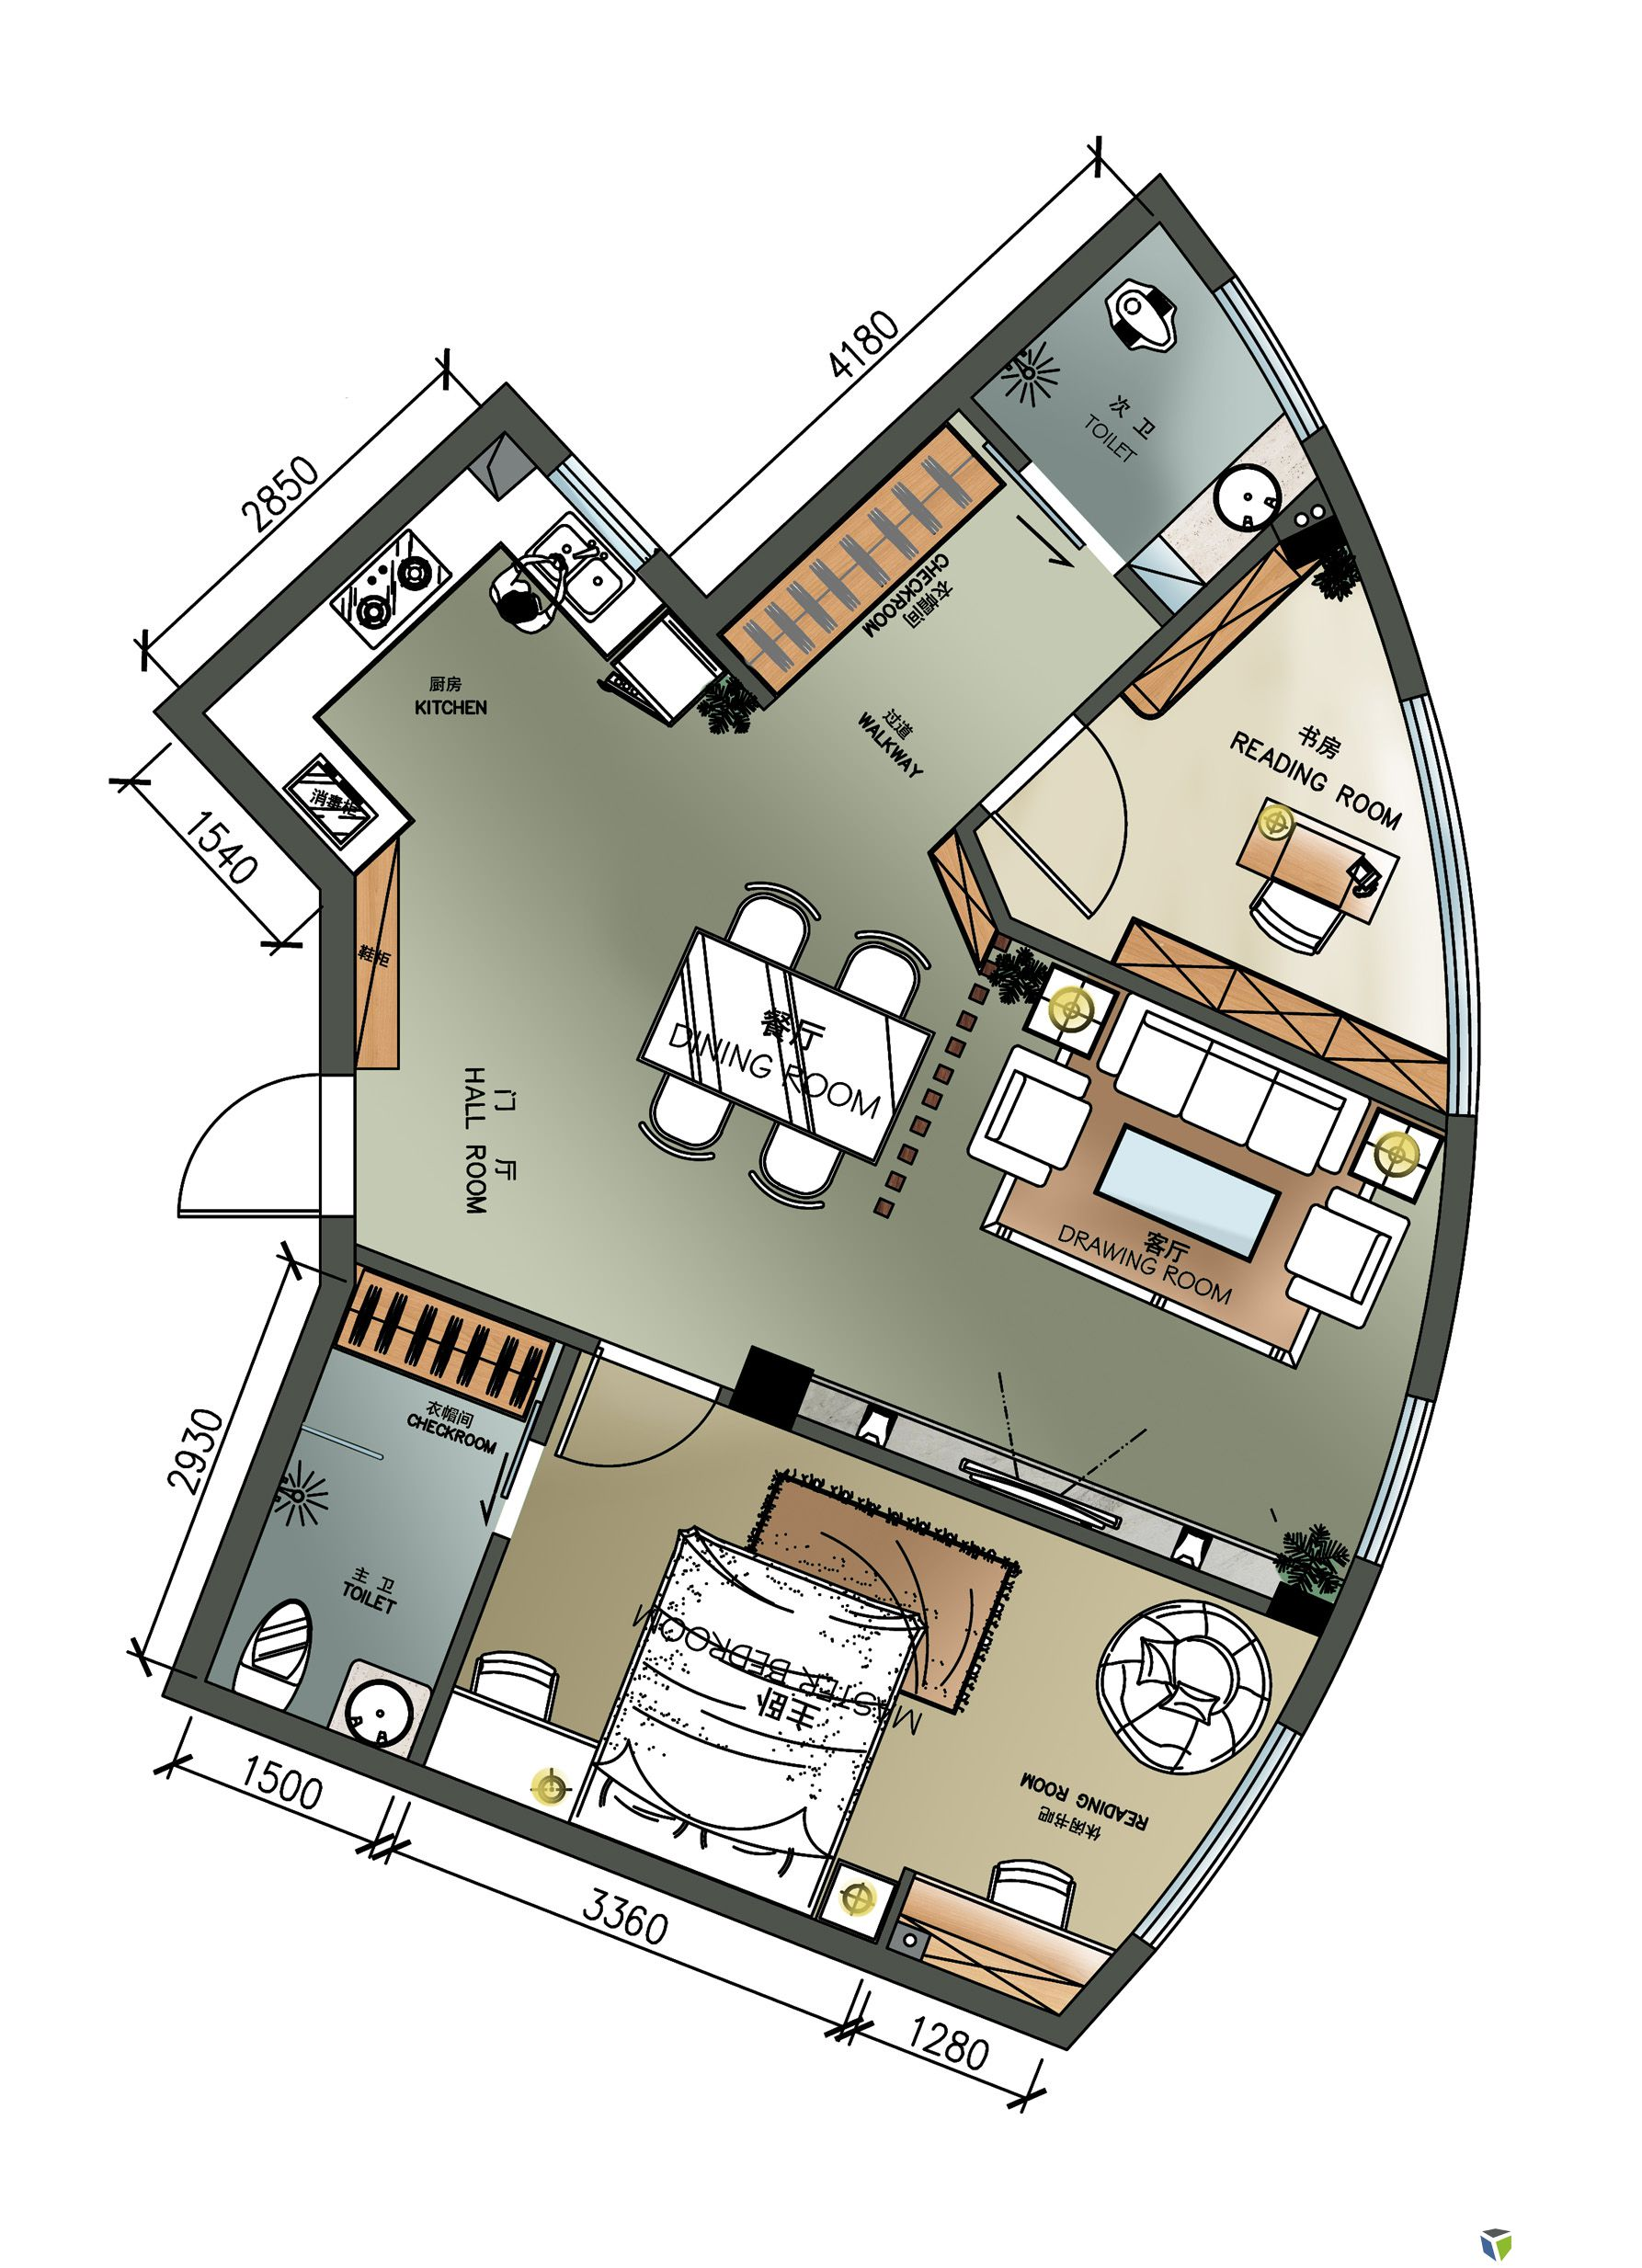 【投票】【第五期 住宅平面优化】 单身公寓